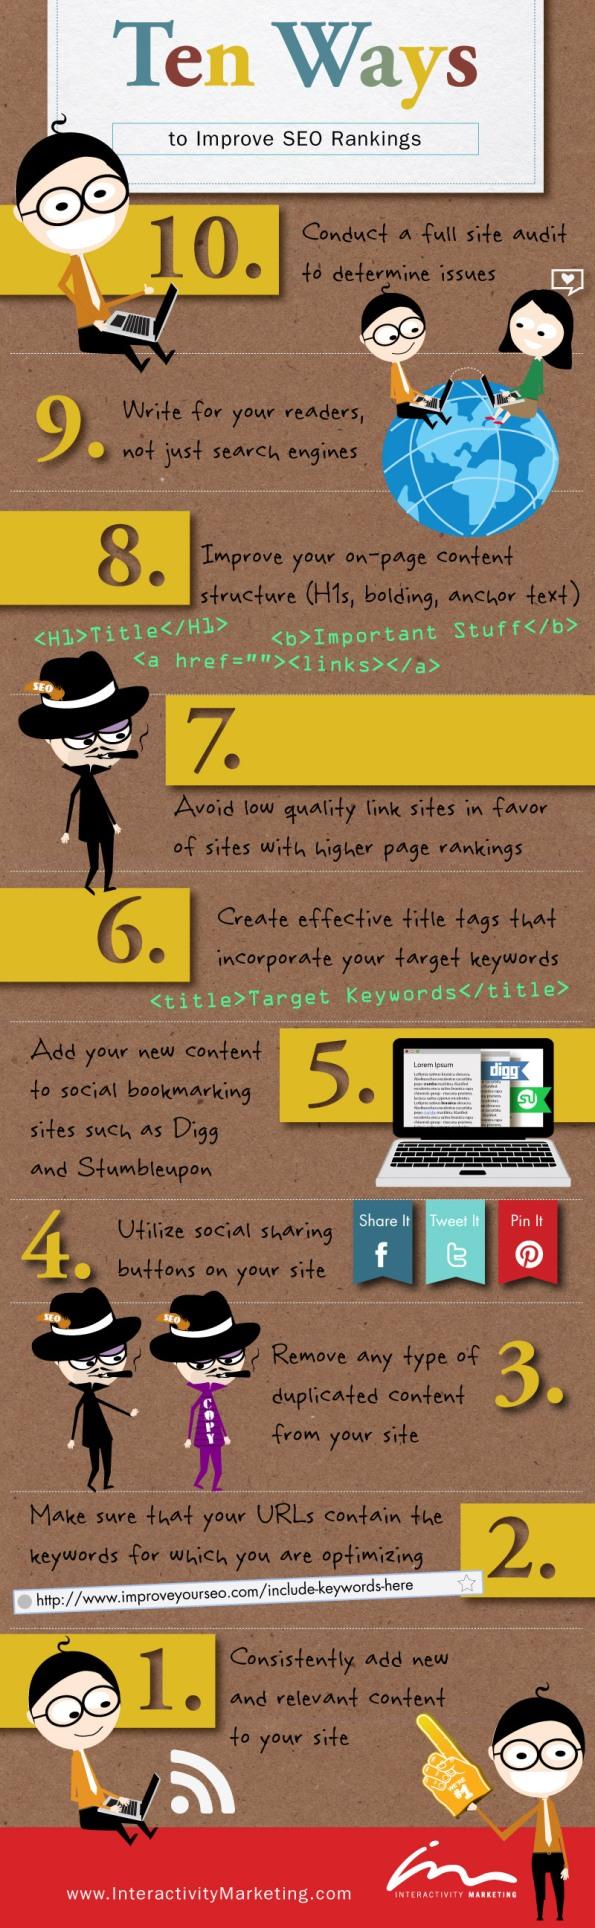 10 Caminos Simples de Mejorar Rápidamente las Clasificaciones SEO [Infographic]